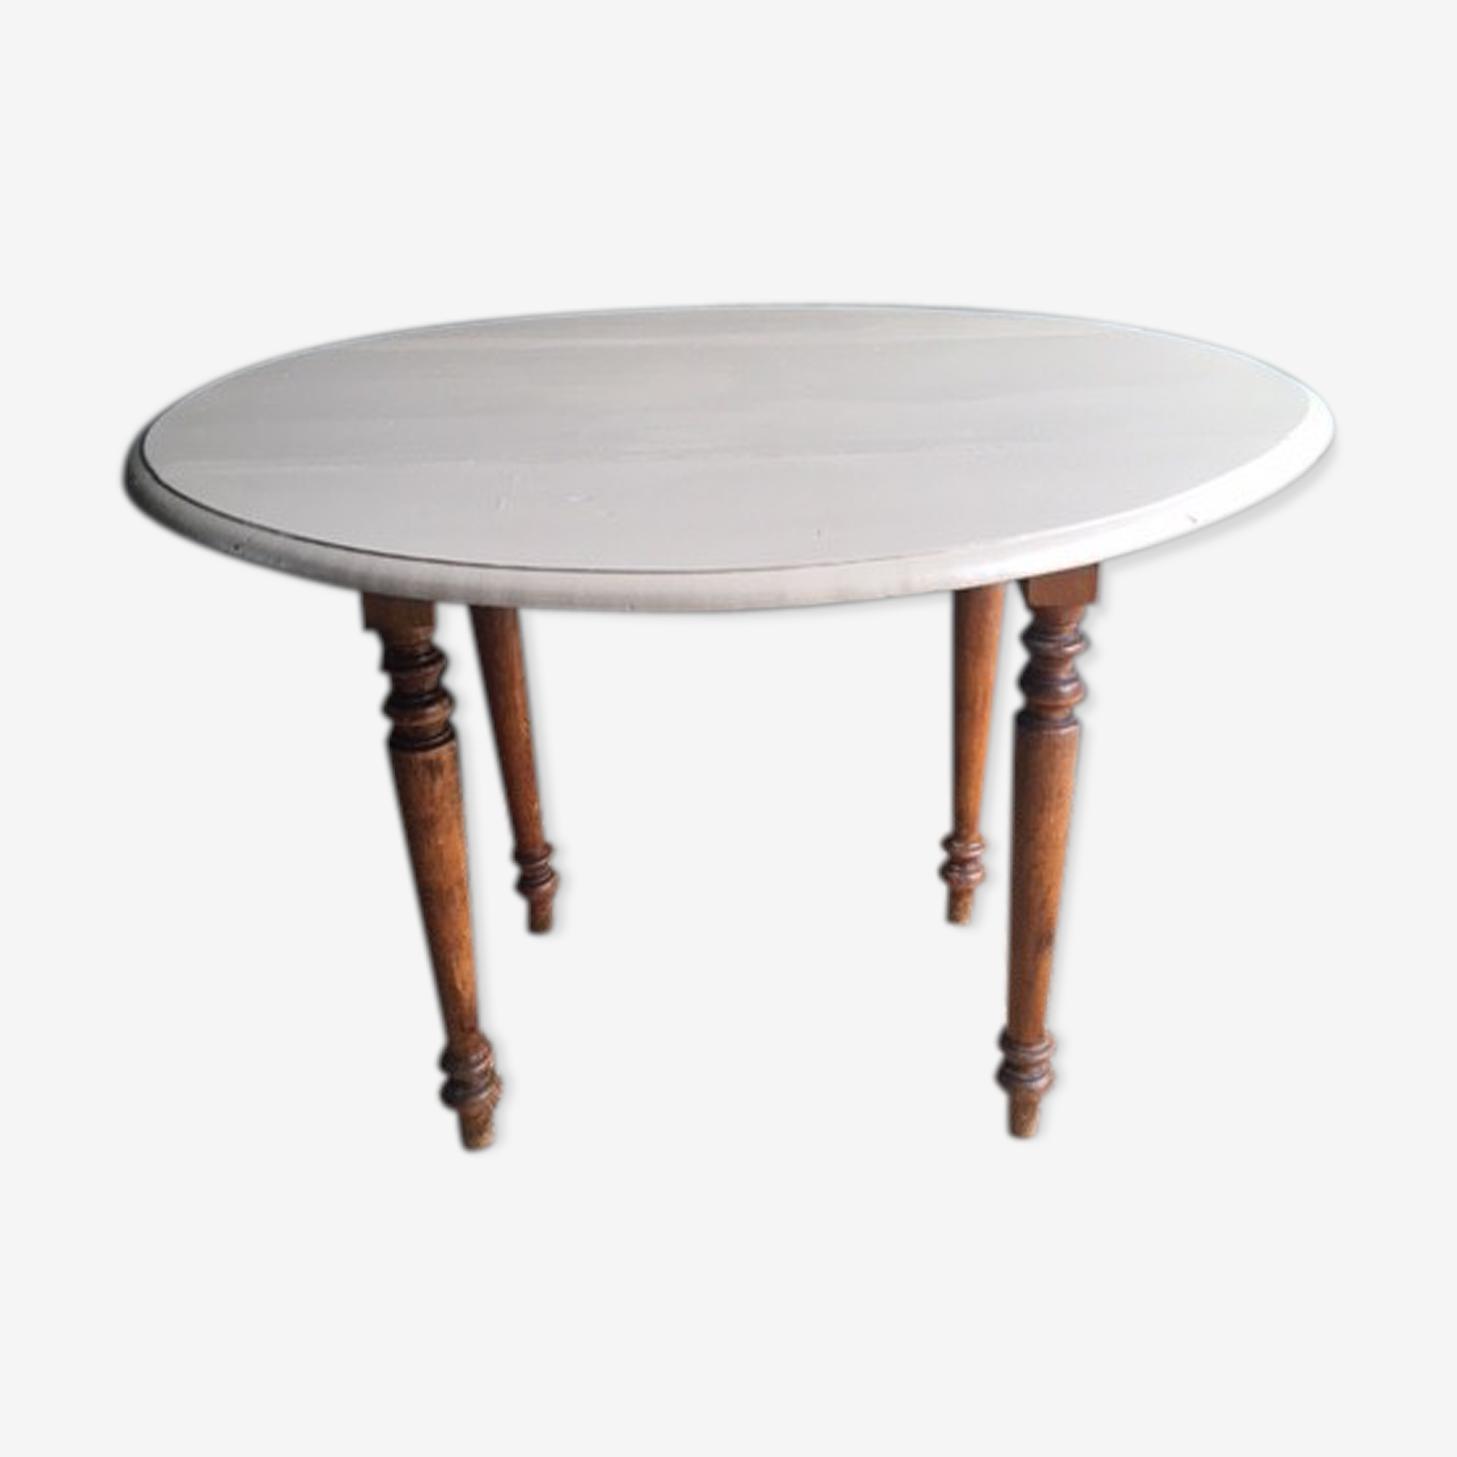 Oval old farm table